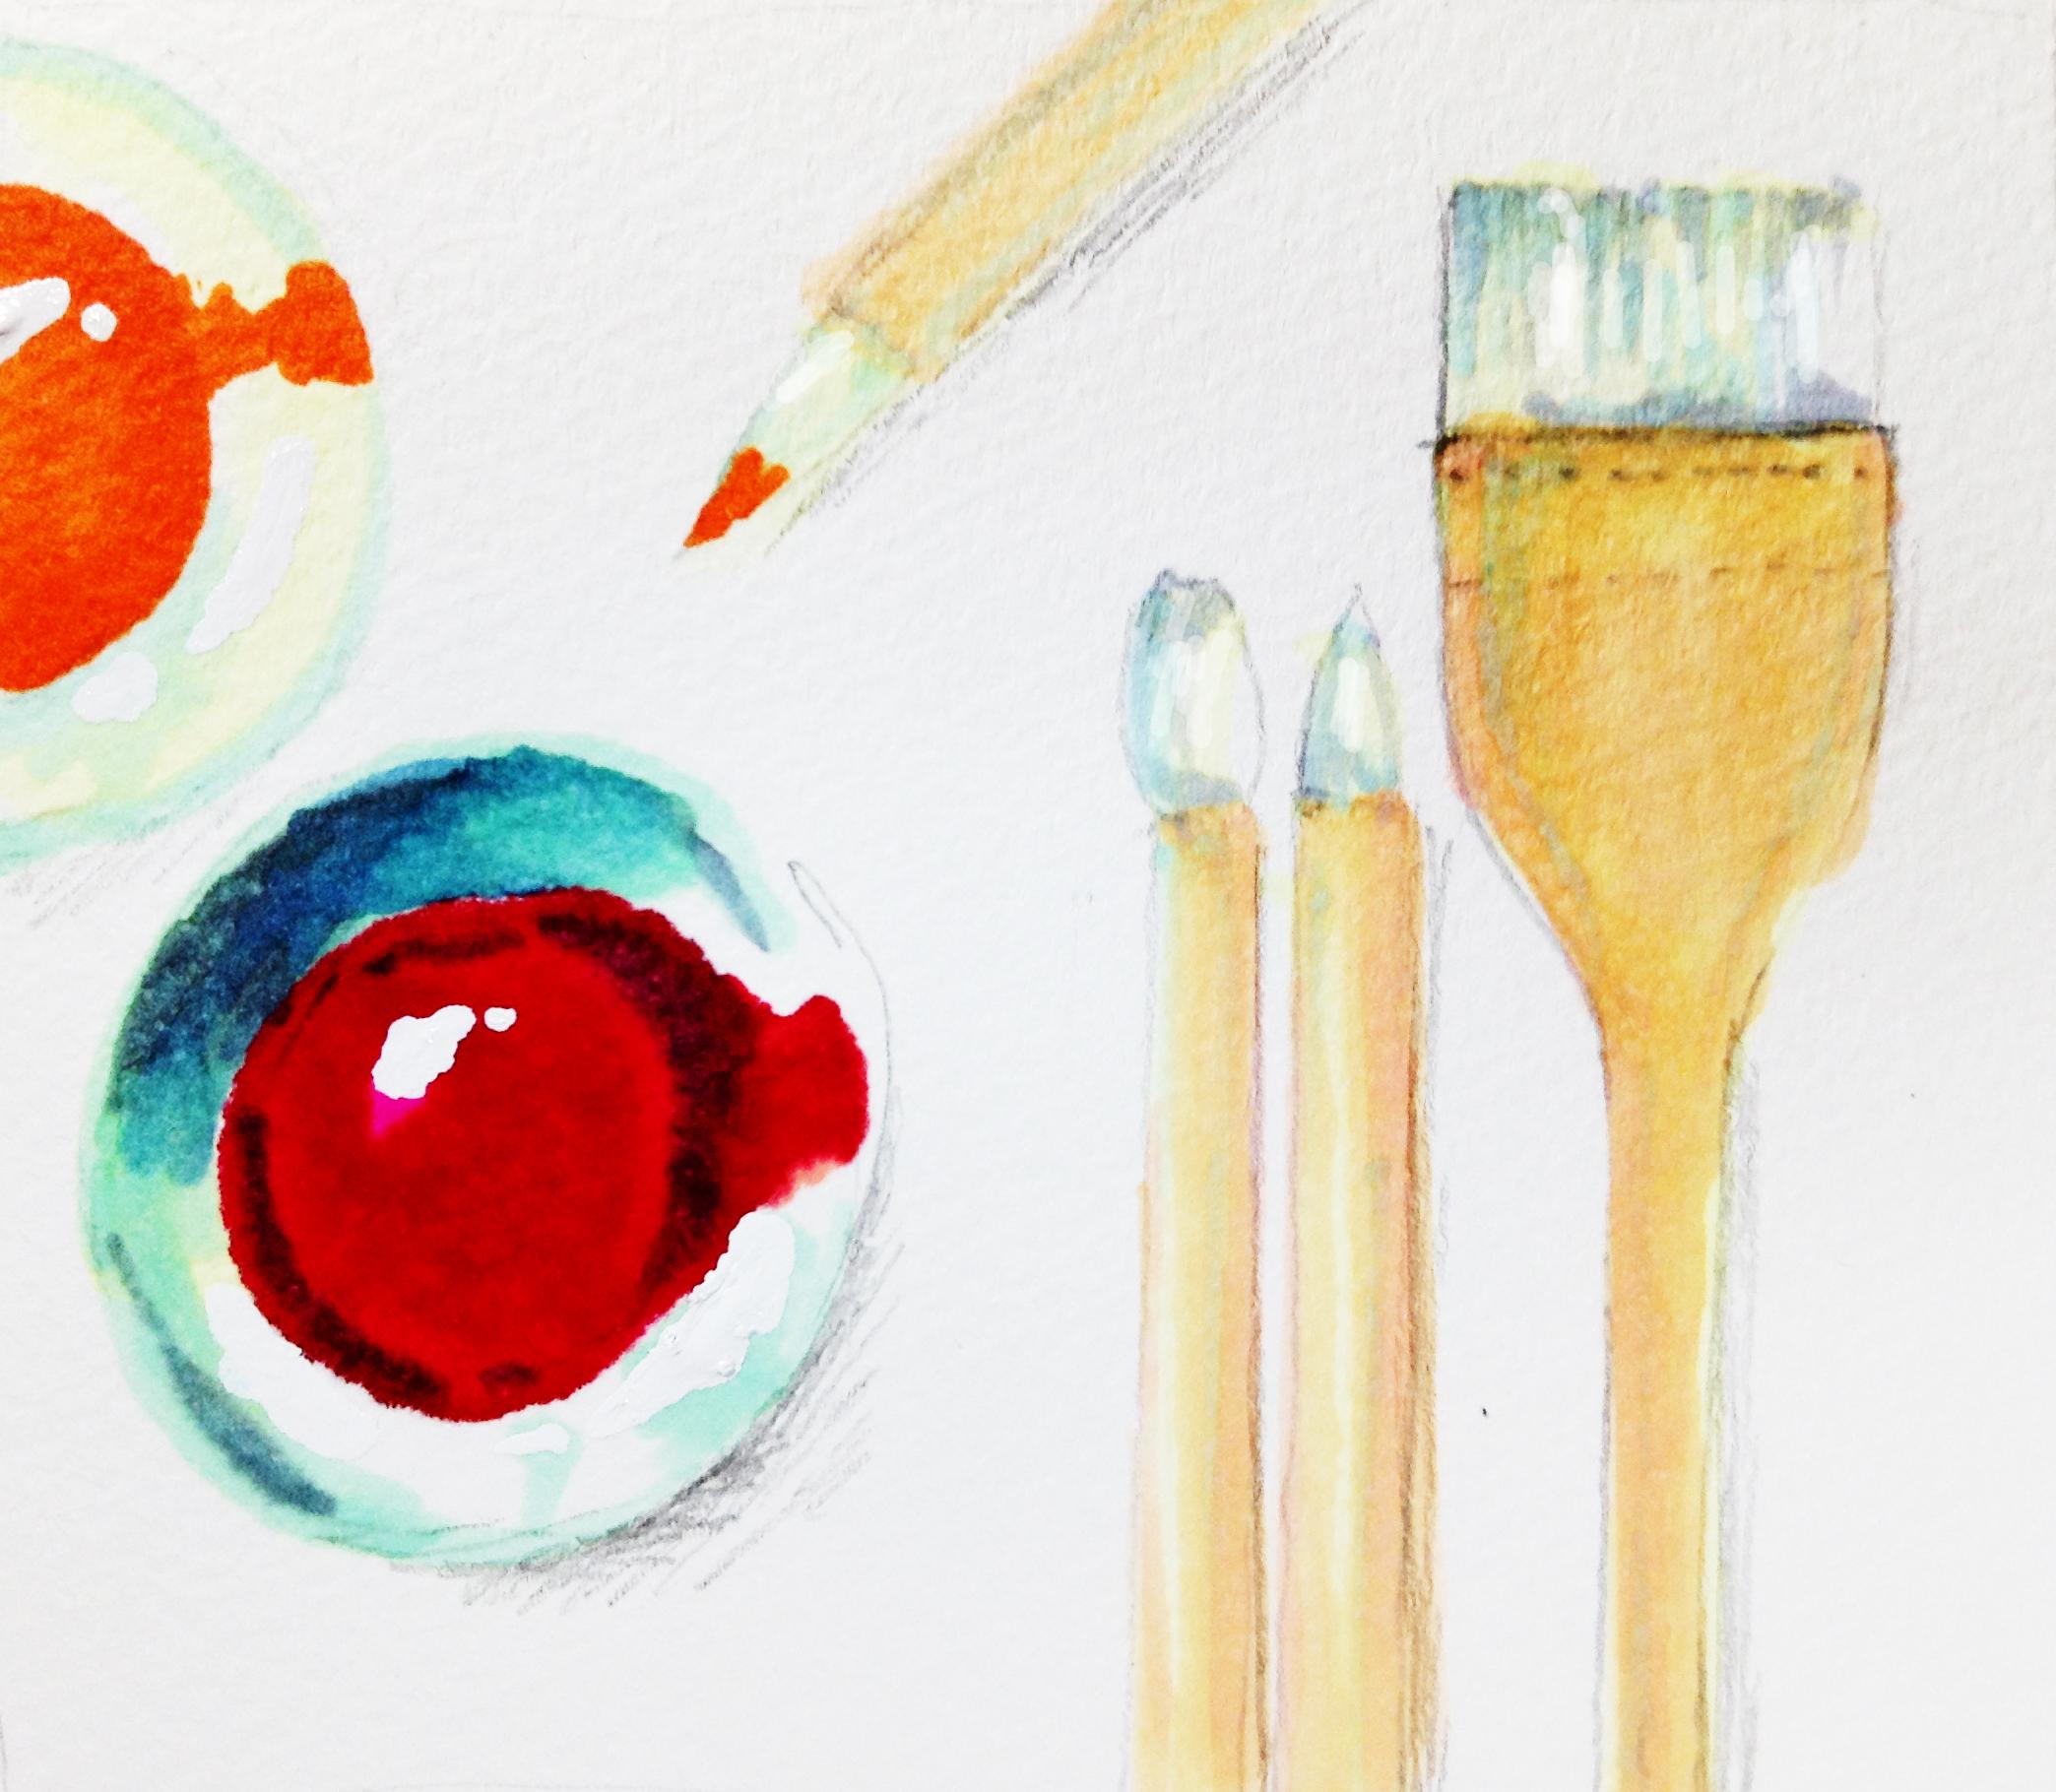 日本画で使う用具(筆、絵皿)をコピックマーカーを使って描いたイラスト